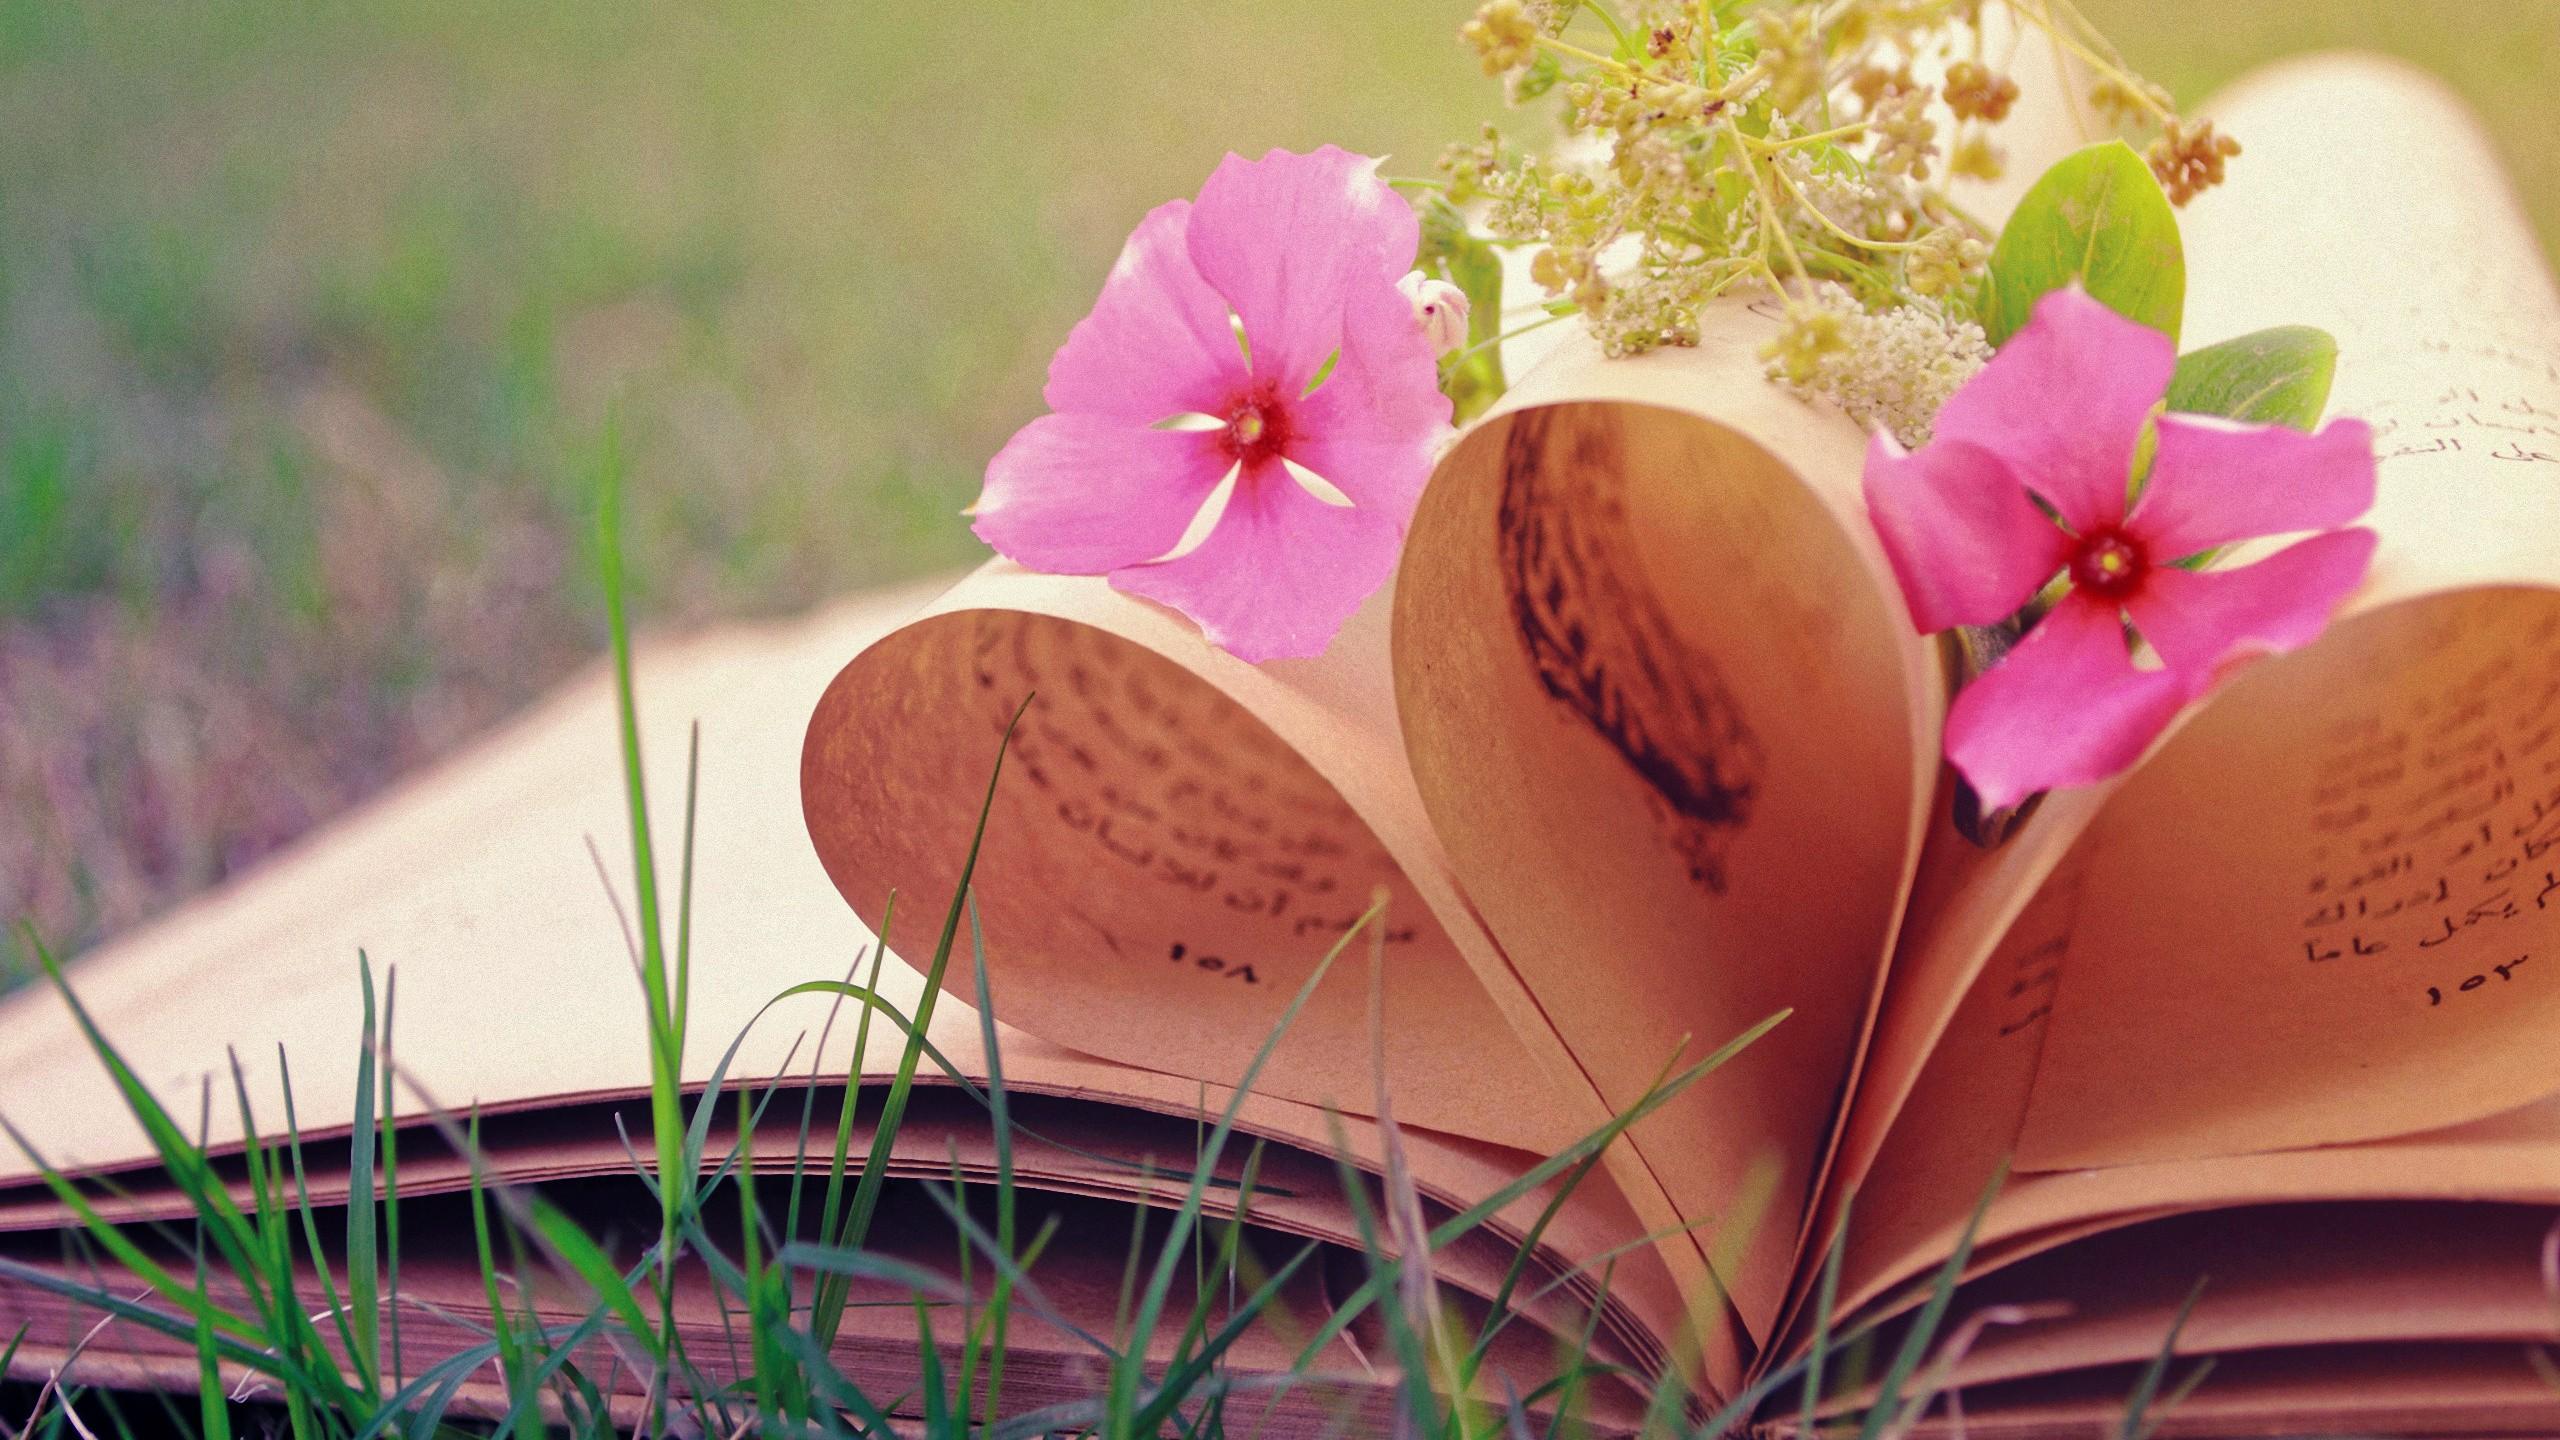 Цветок и книга картинки